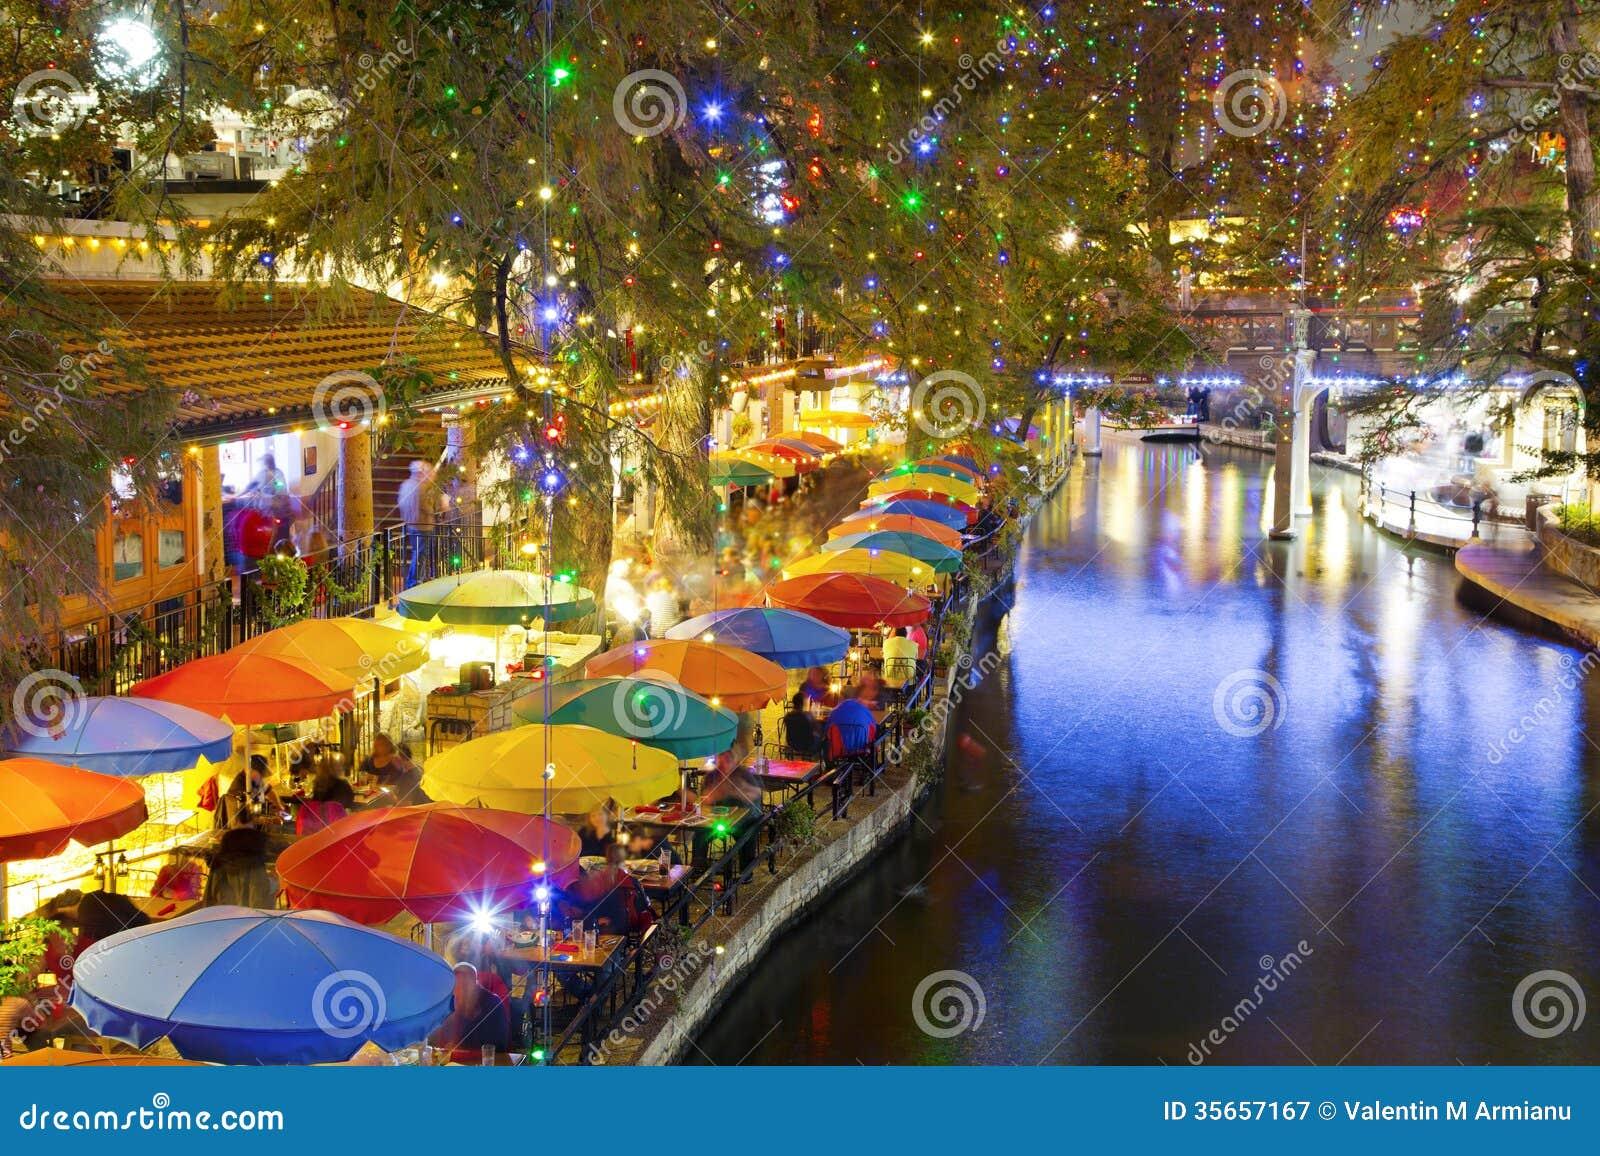 San Antonio Riverwalk Christmas.San Antonio Riverwalk At Night Stock Image Image Of Tables